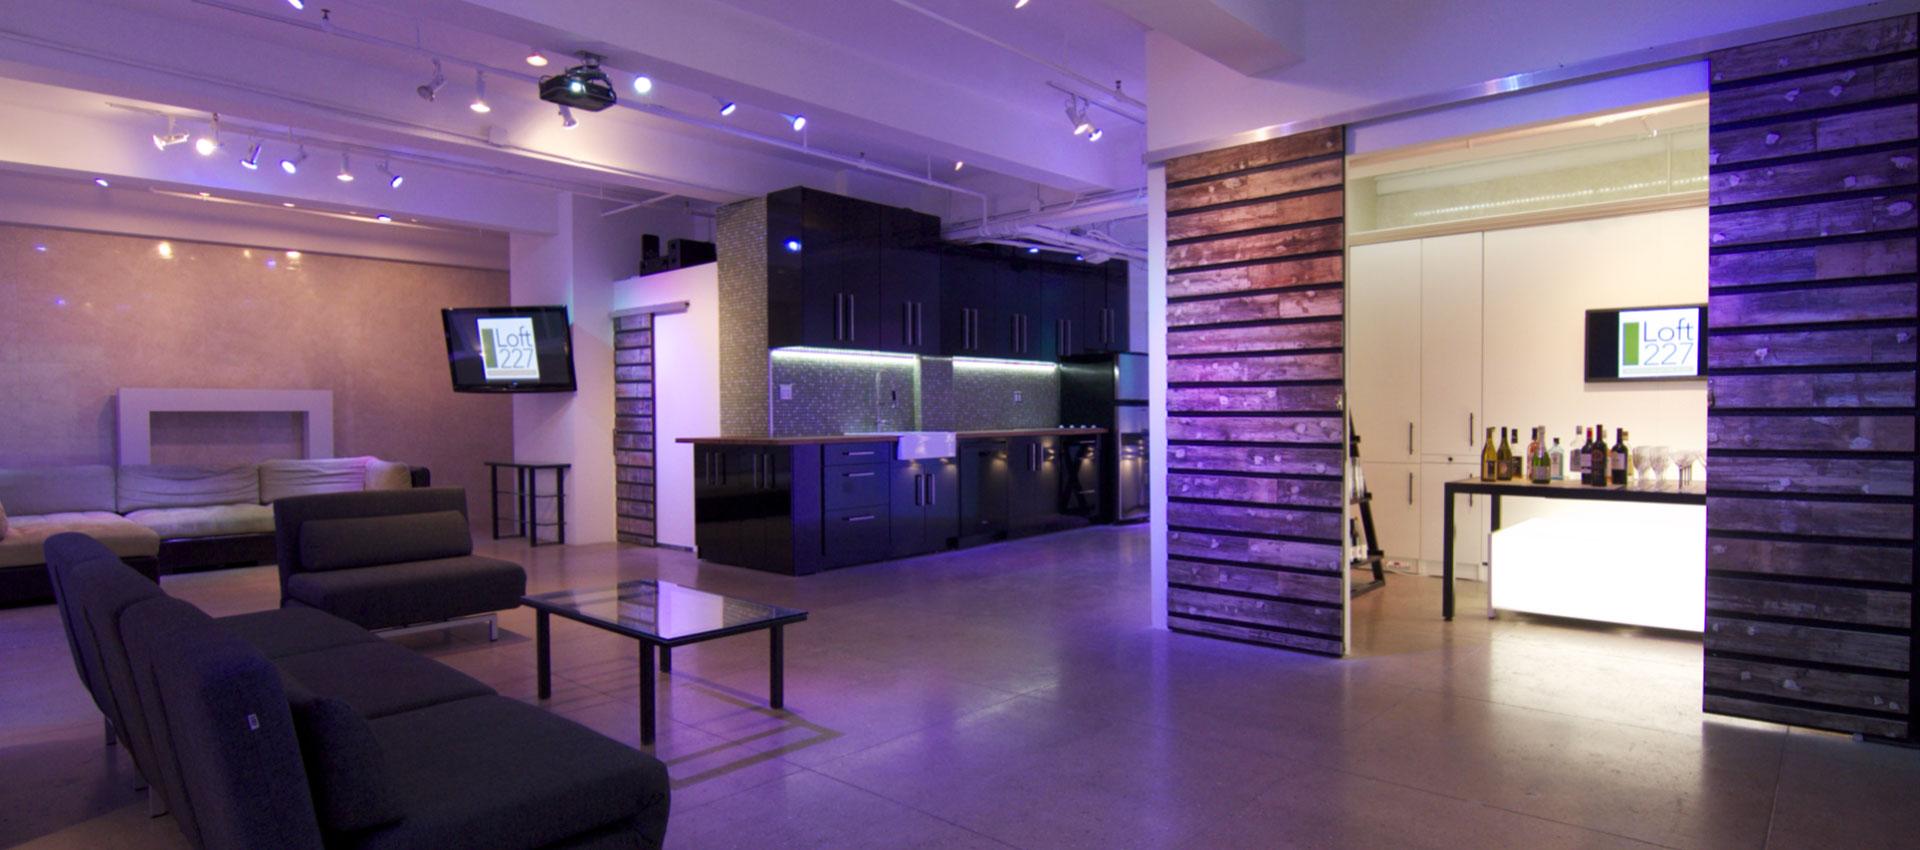 Illuminazione a led per risparmiare sulla bolletta della for Illuminazione interni casa